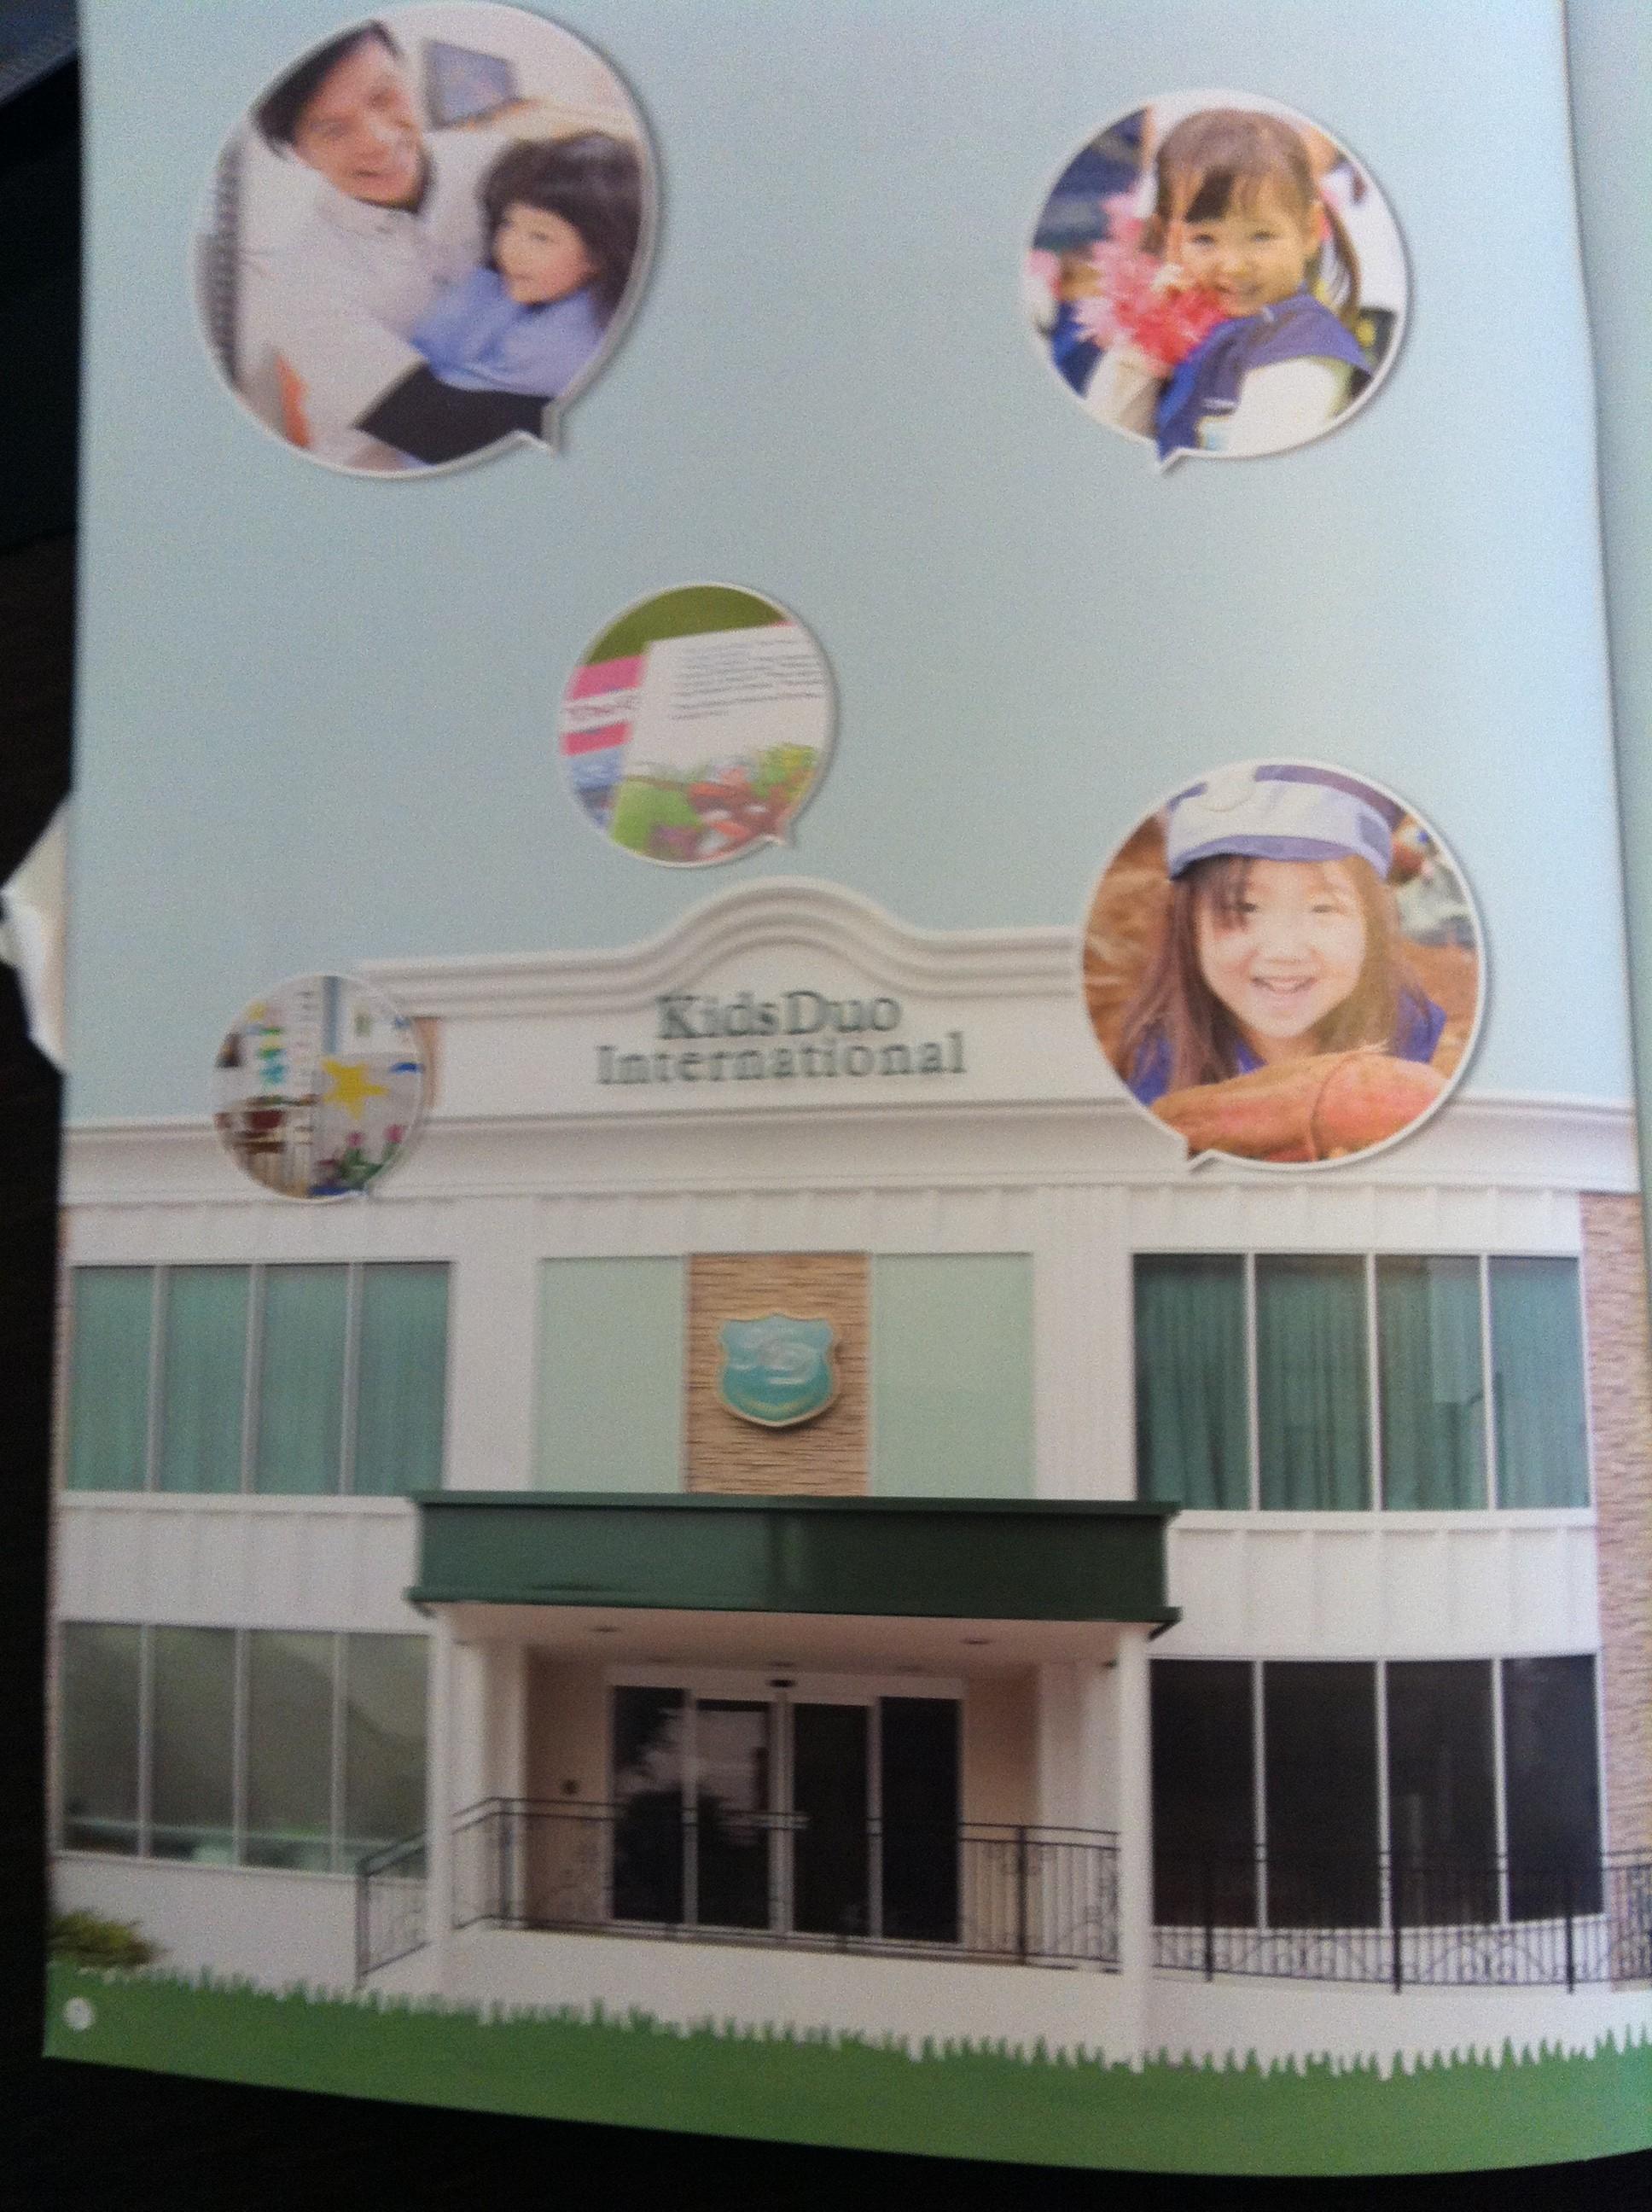 キッズデュオ(kids duo)の説明会で配られたパンフレット1ページ目の画像キャプチャ